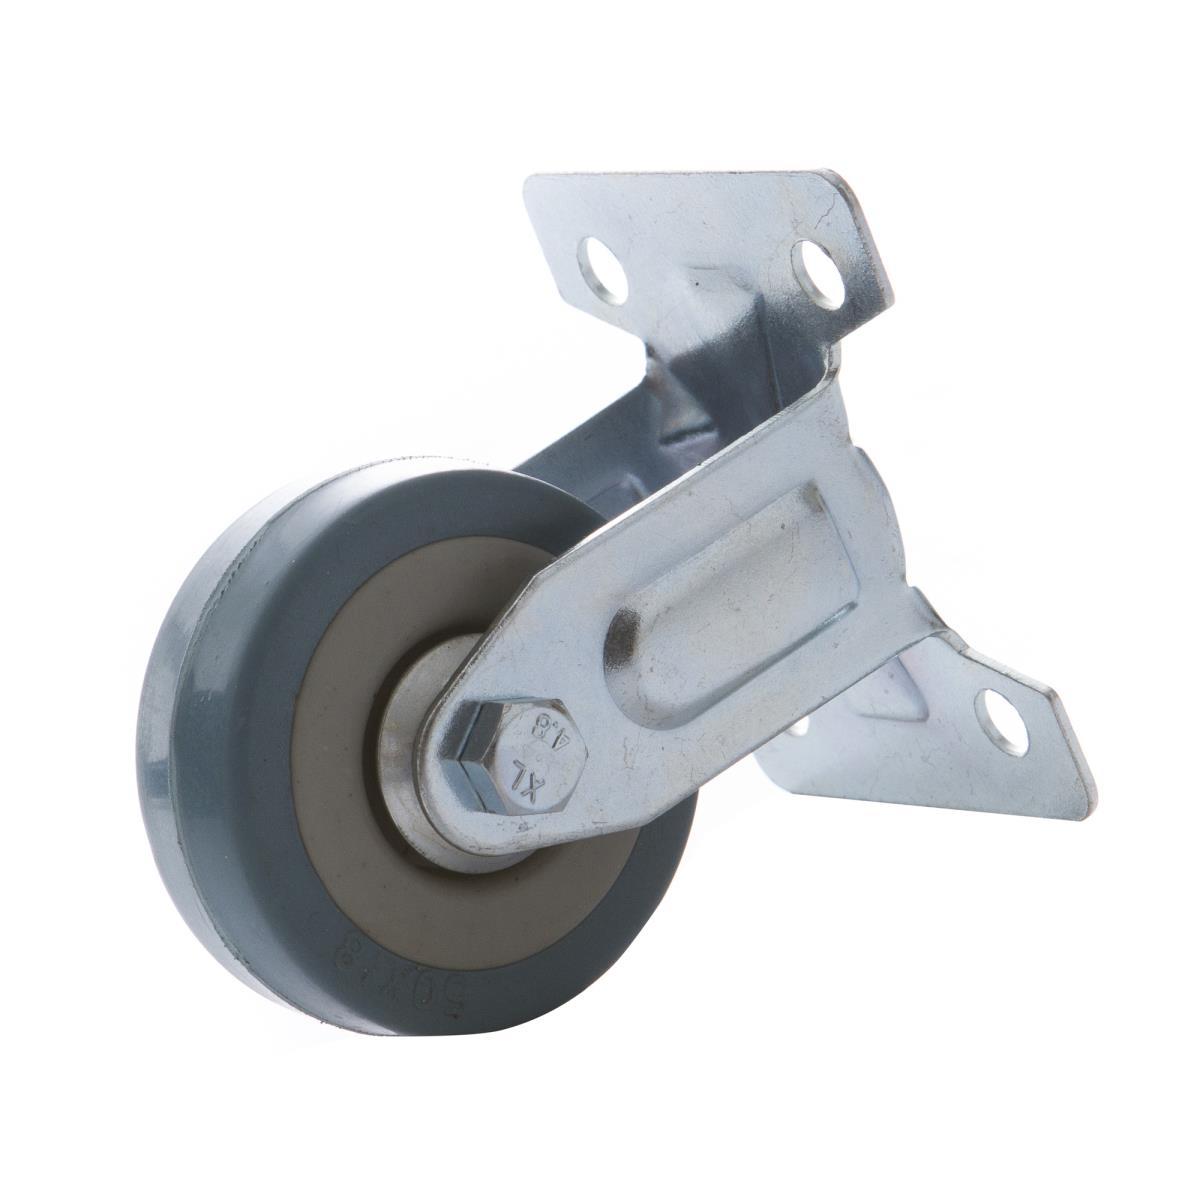 4x Bockrollen 50mm mit Gummi Rad, Transportrollen, Möbelrollen Laufrollen,Vagner SDH,2000506152218, 0791266466425